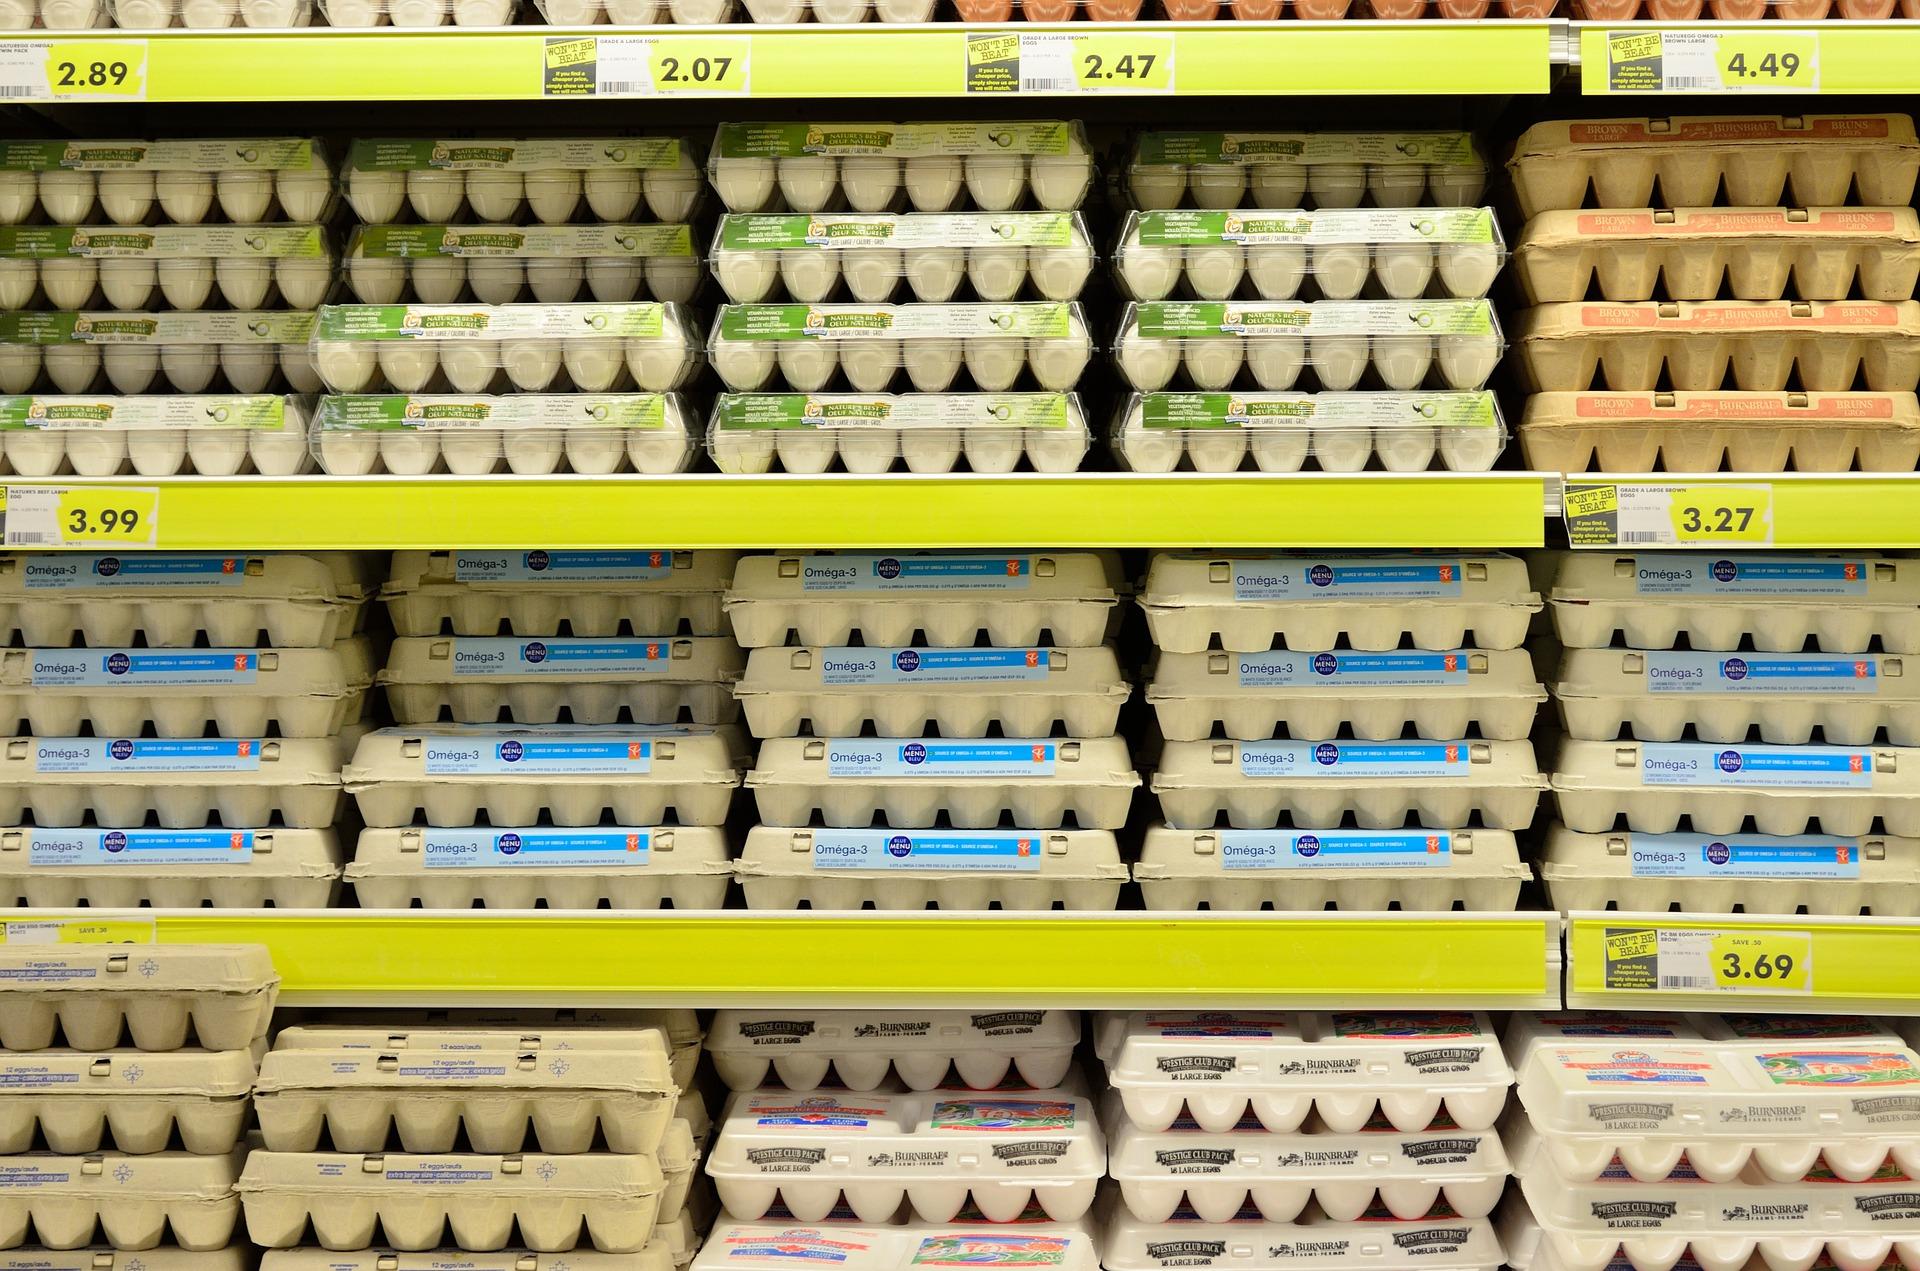 egg-1316407_1920.jpg